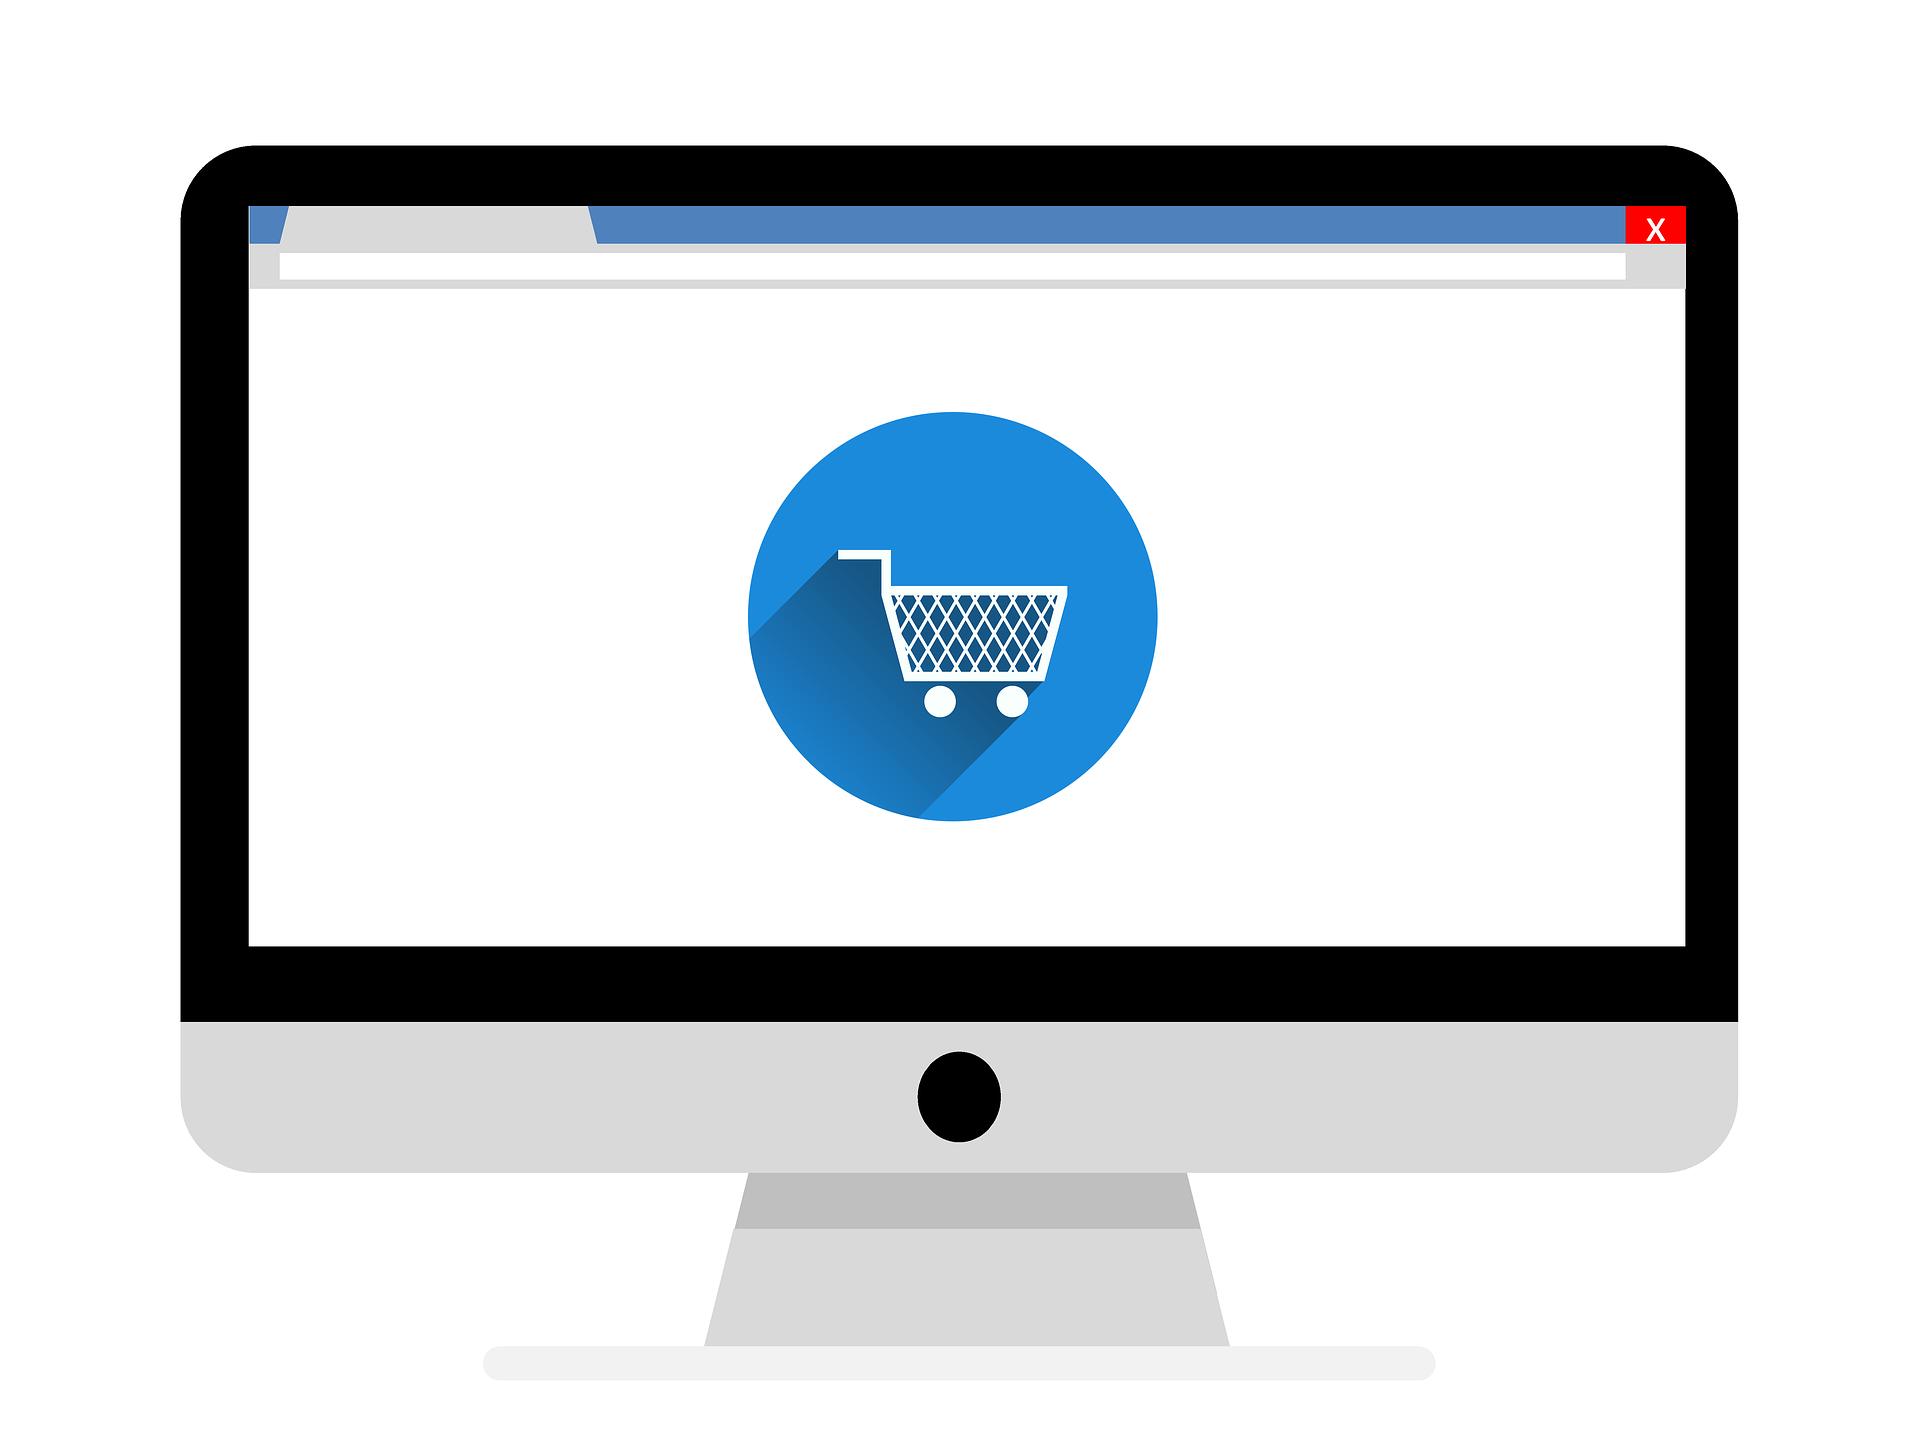 Comprare online: alcuni consigli per non farti ingannare